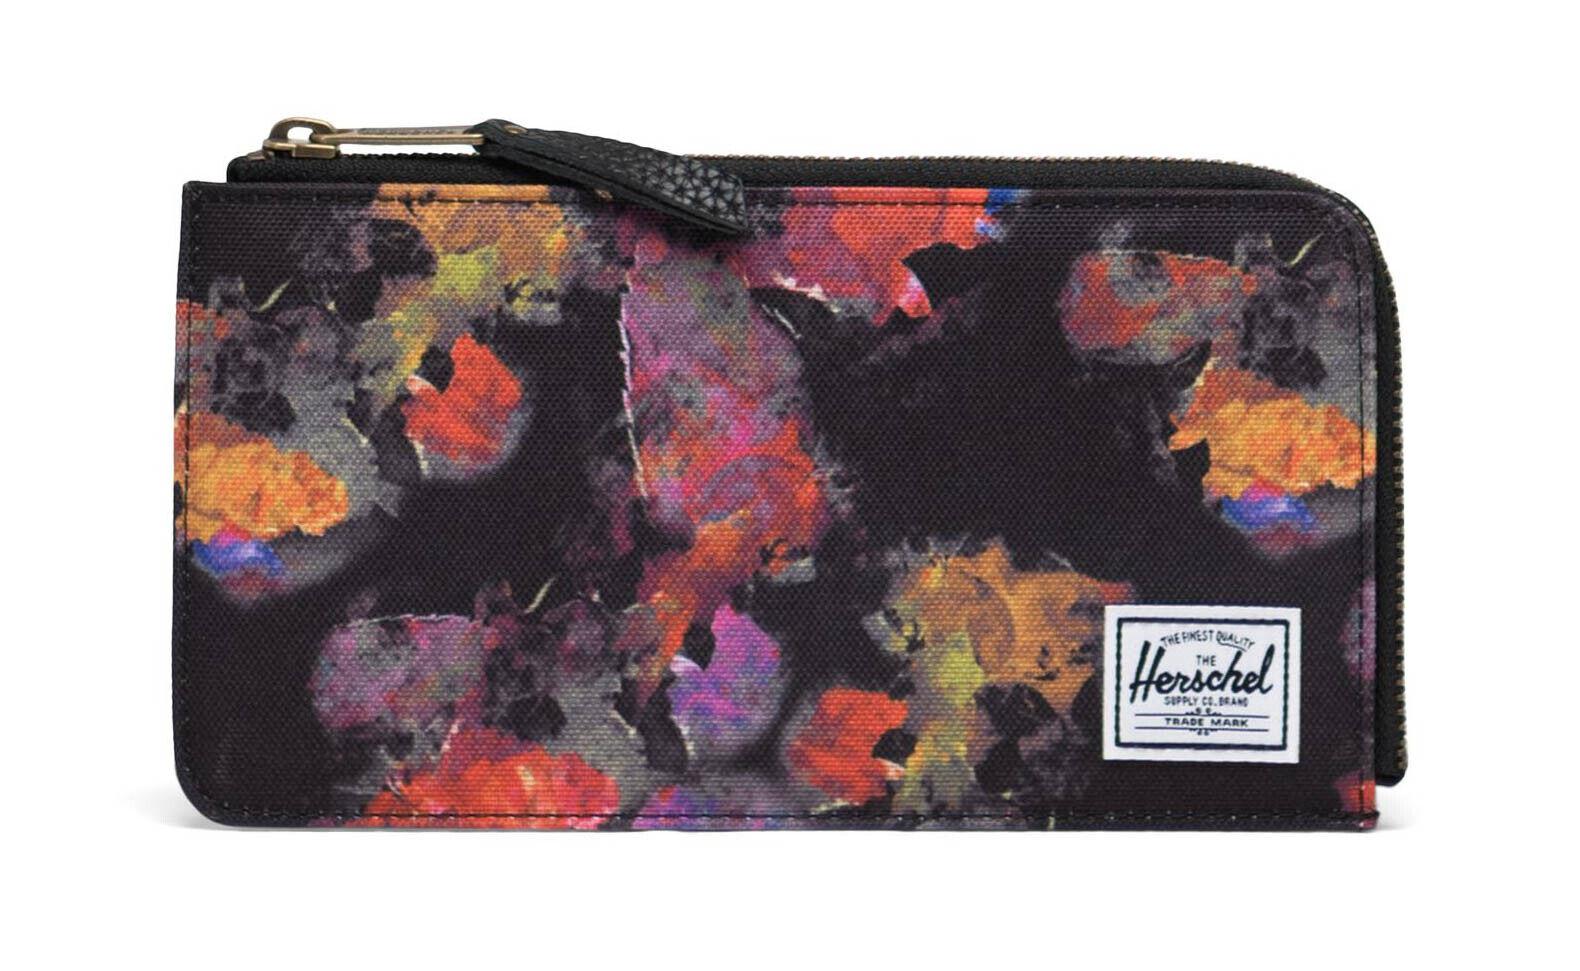 Herschel Jack Large RFID Wallet Geldbörse Schwarz